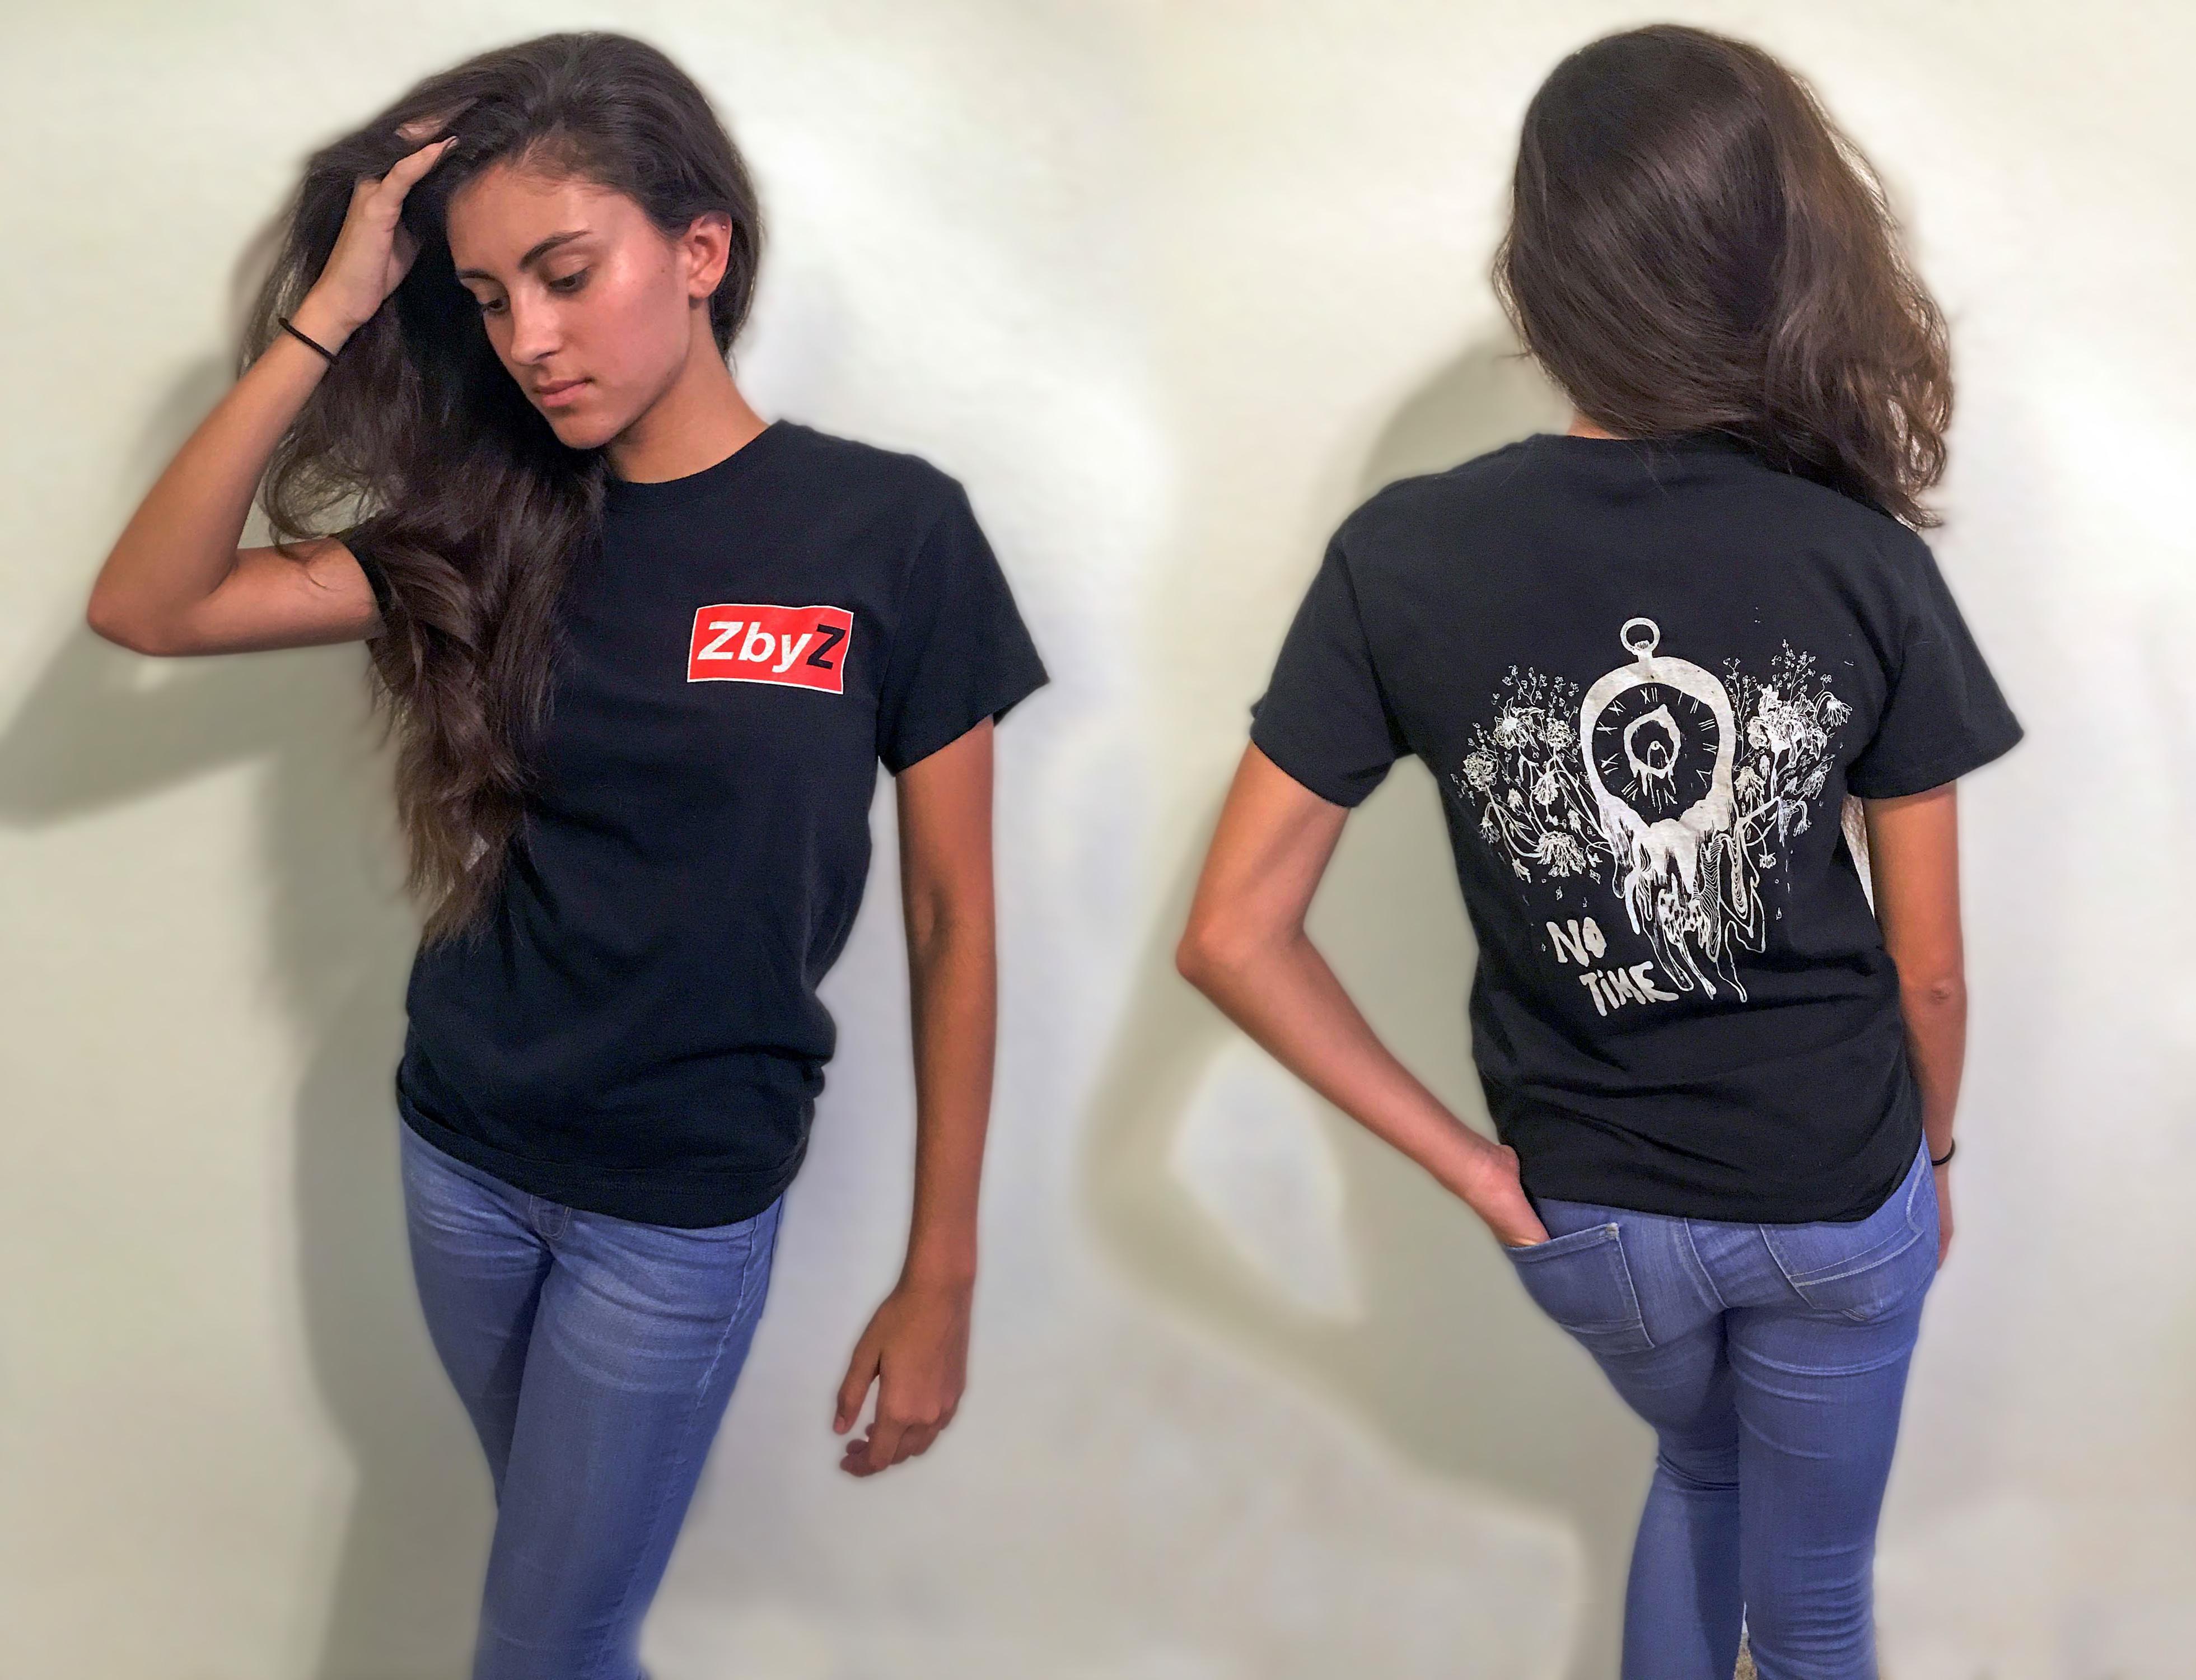 Z by Z T-Shirts